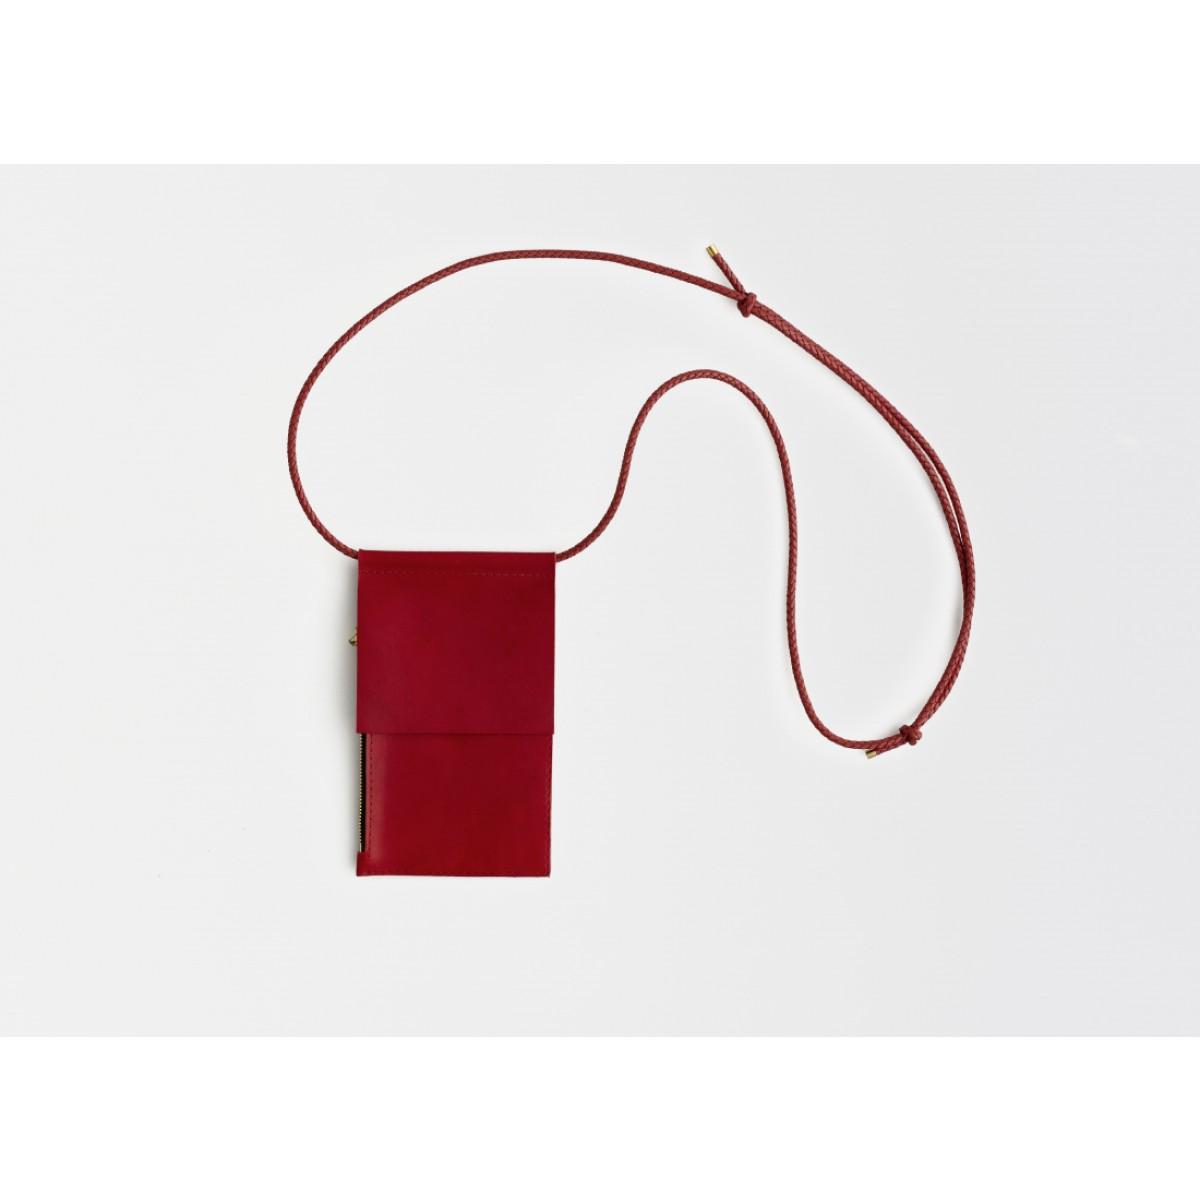 Lapàporter – Leder Handytasche zum umhängen / Brustbeutel, rot